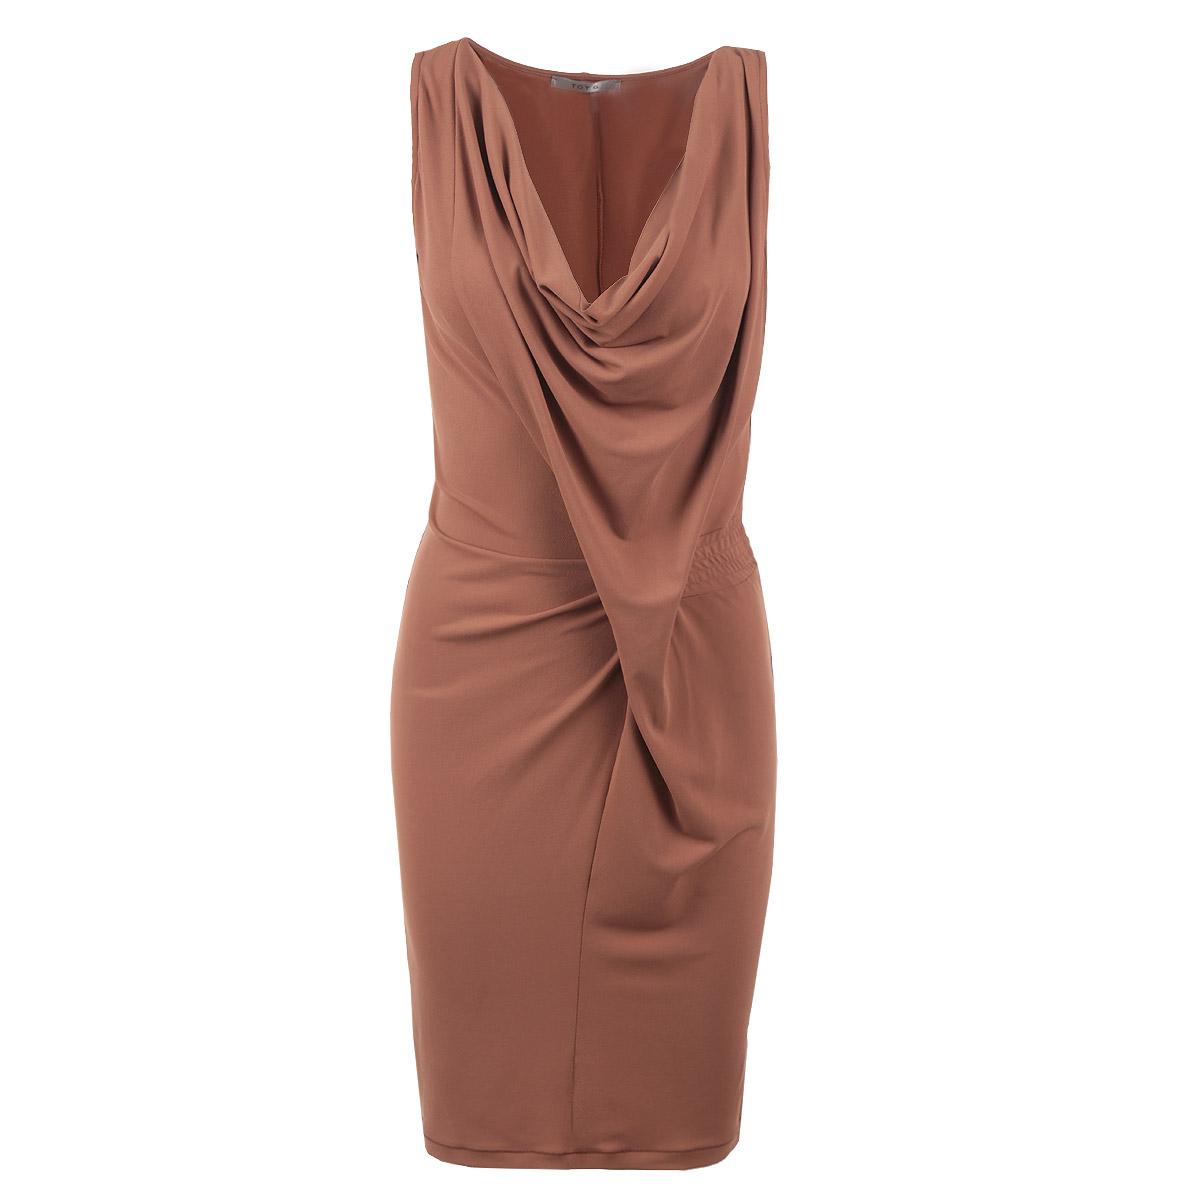 61D2H9Оригинальное женское платье Toy G, выполненное из высококачественного материала, будет отлично смотреться на вас. Модель оригинального кроя с глубоким V-образным каскадным вырезом горловины и без рукавов. С боку на талии платье оформлено вставкой с эластичной резинкой. Это платье идеальный вариант для вашего гардероба. Идеальный вариант для создания эффектного образа.